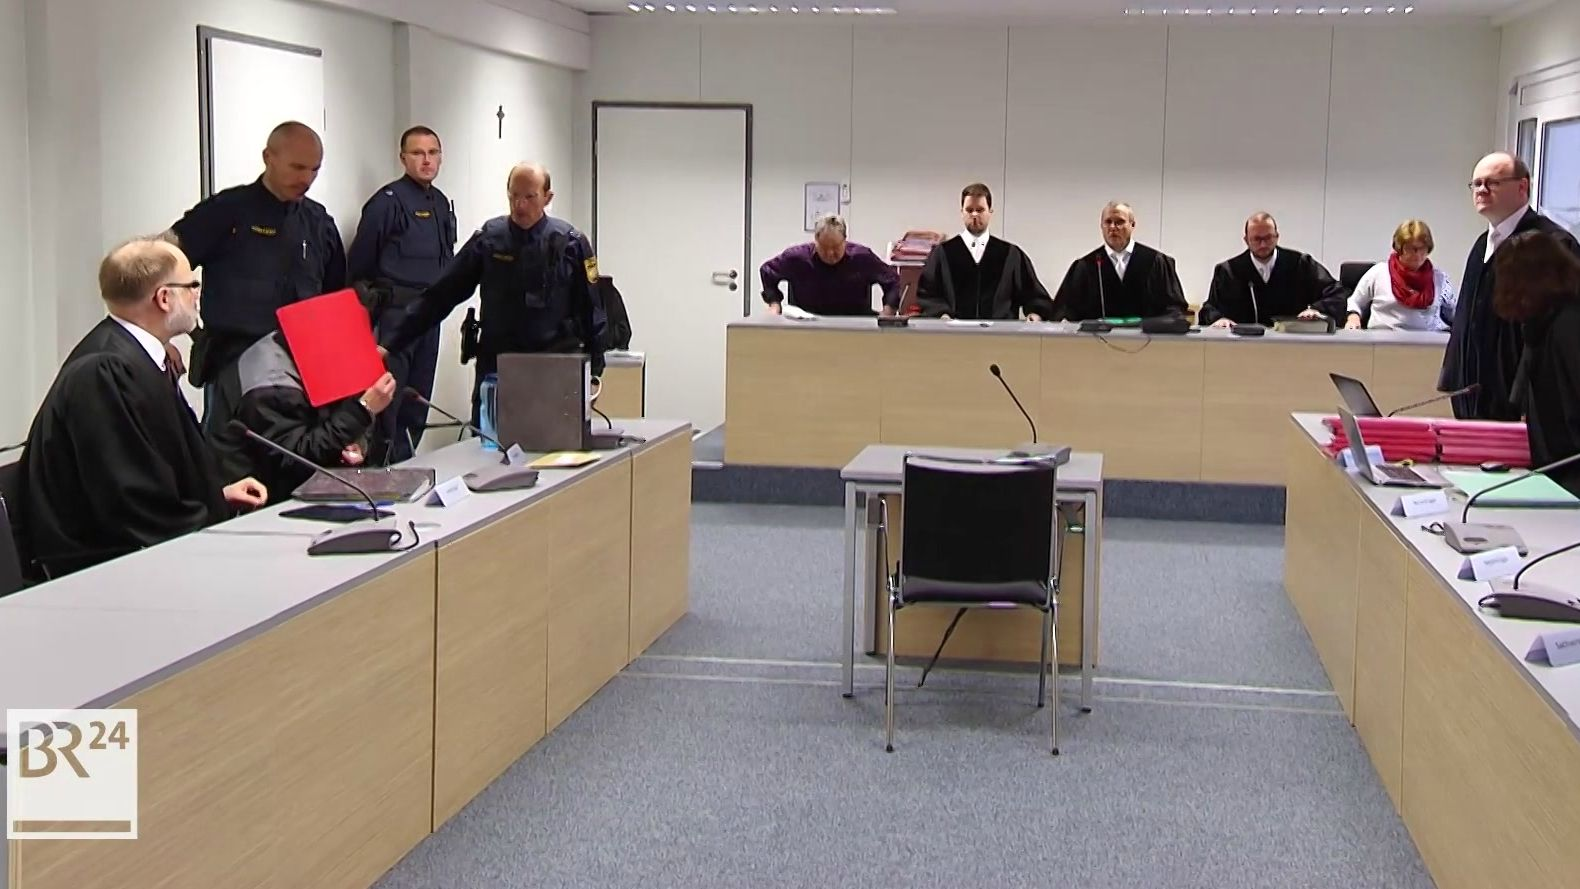 Archiv: Cold-Case-Prozess vor dem Landgericht Aschaffenburg